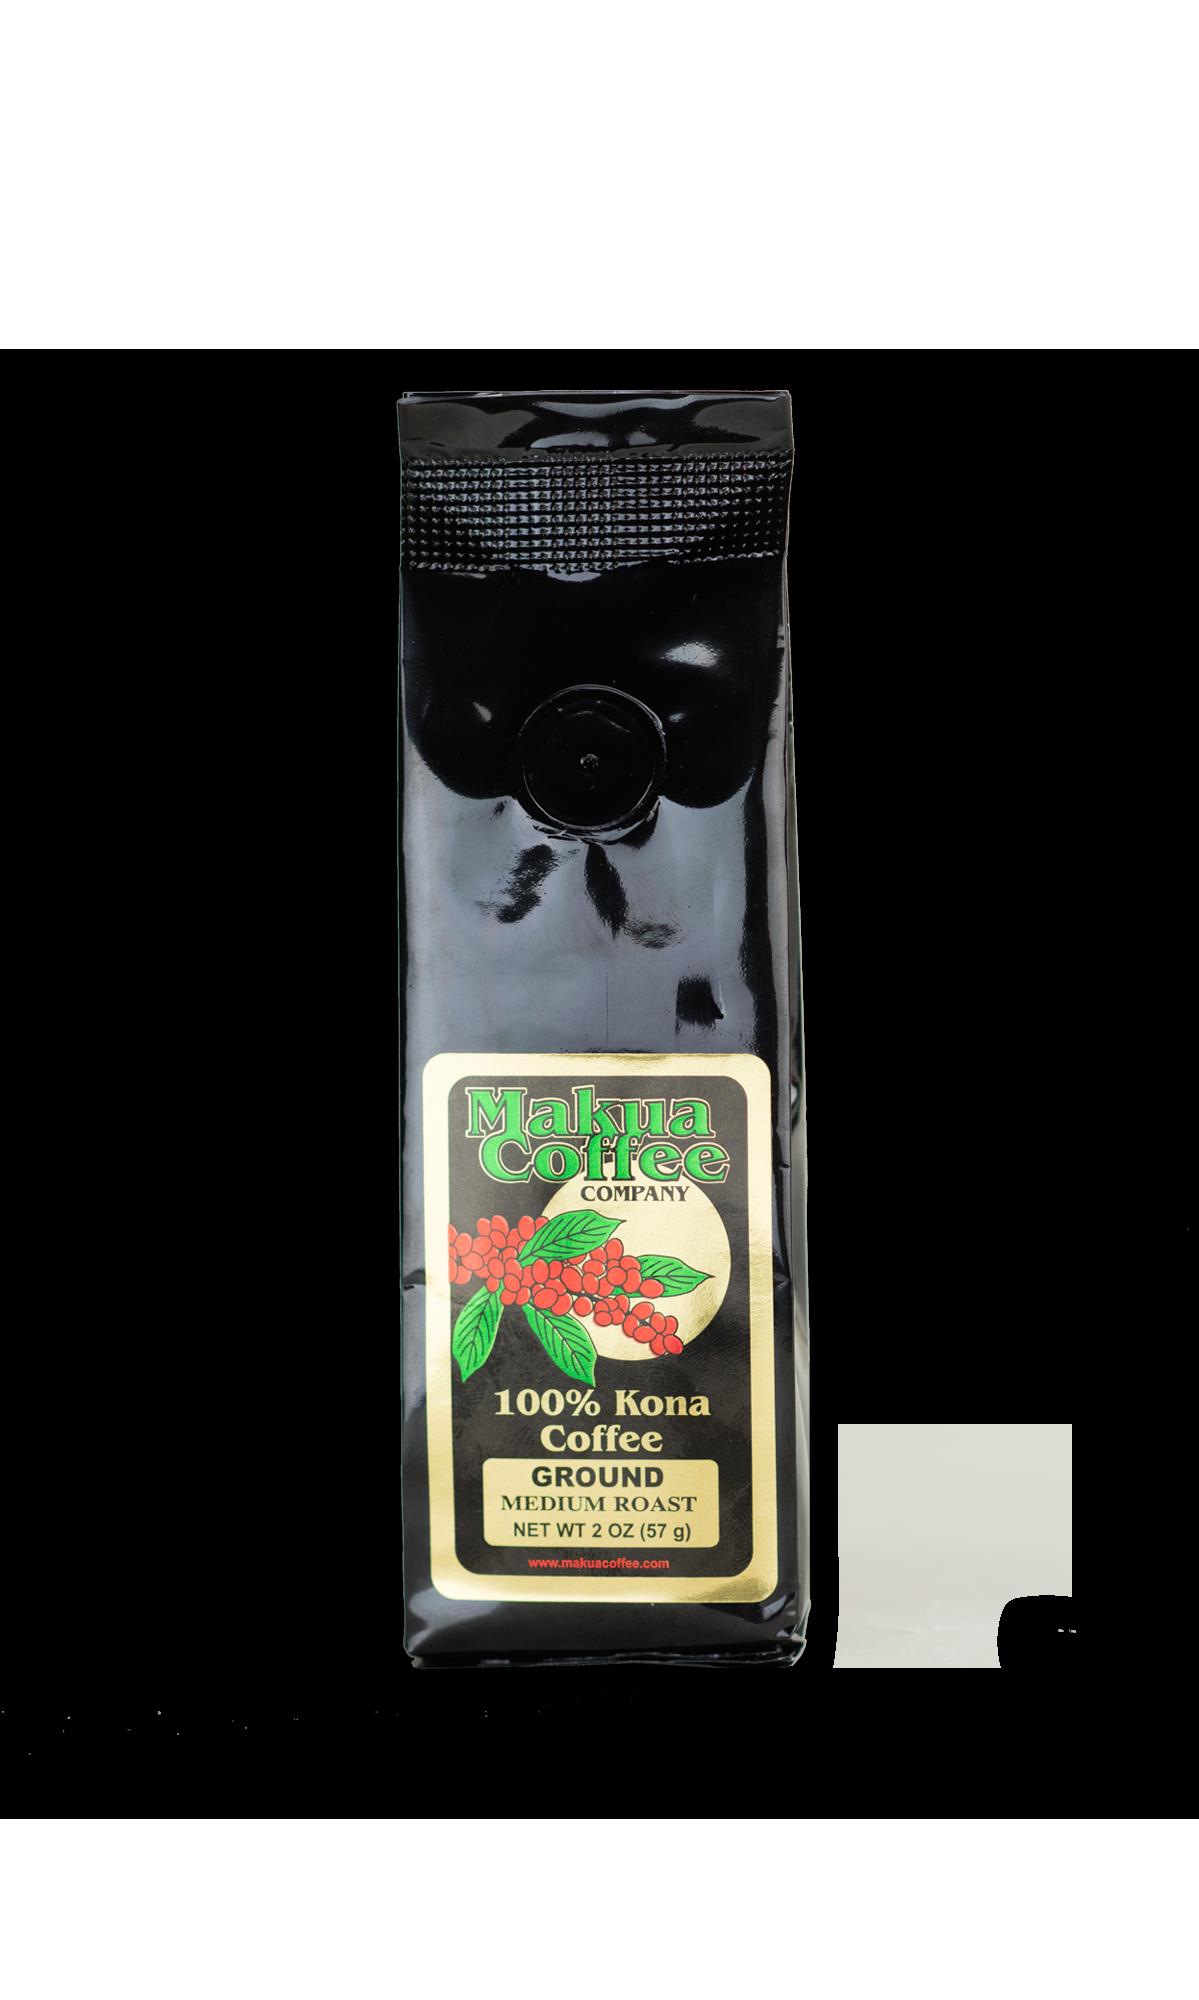 Makua Coffee Company 100% Kona Coffee Medium Roast Ground Coffee 2 oz bag